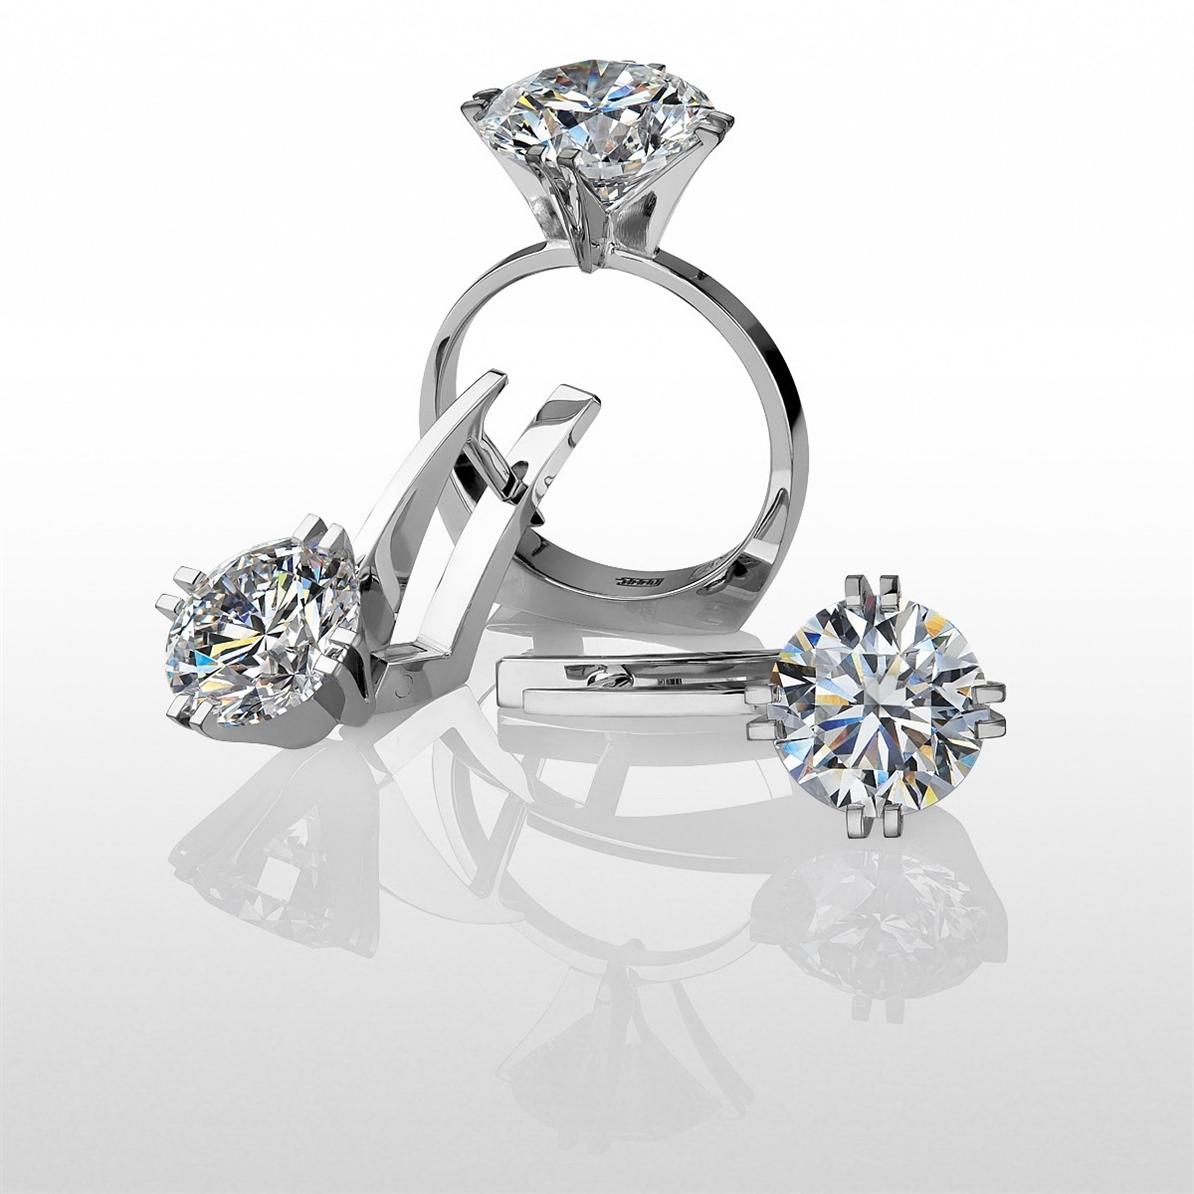 Украшения с бриллиантами фото и цены